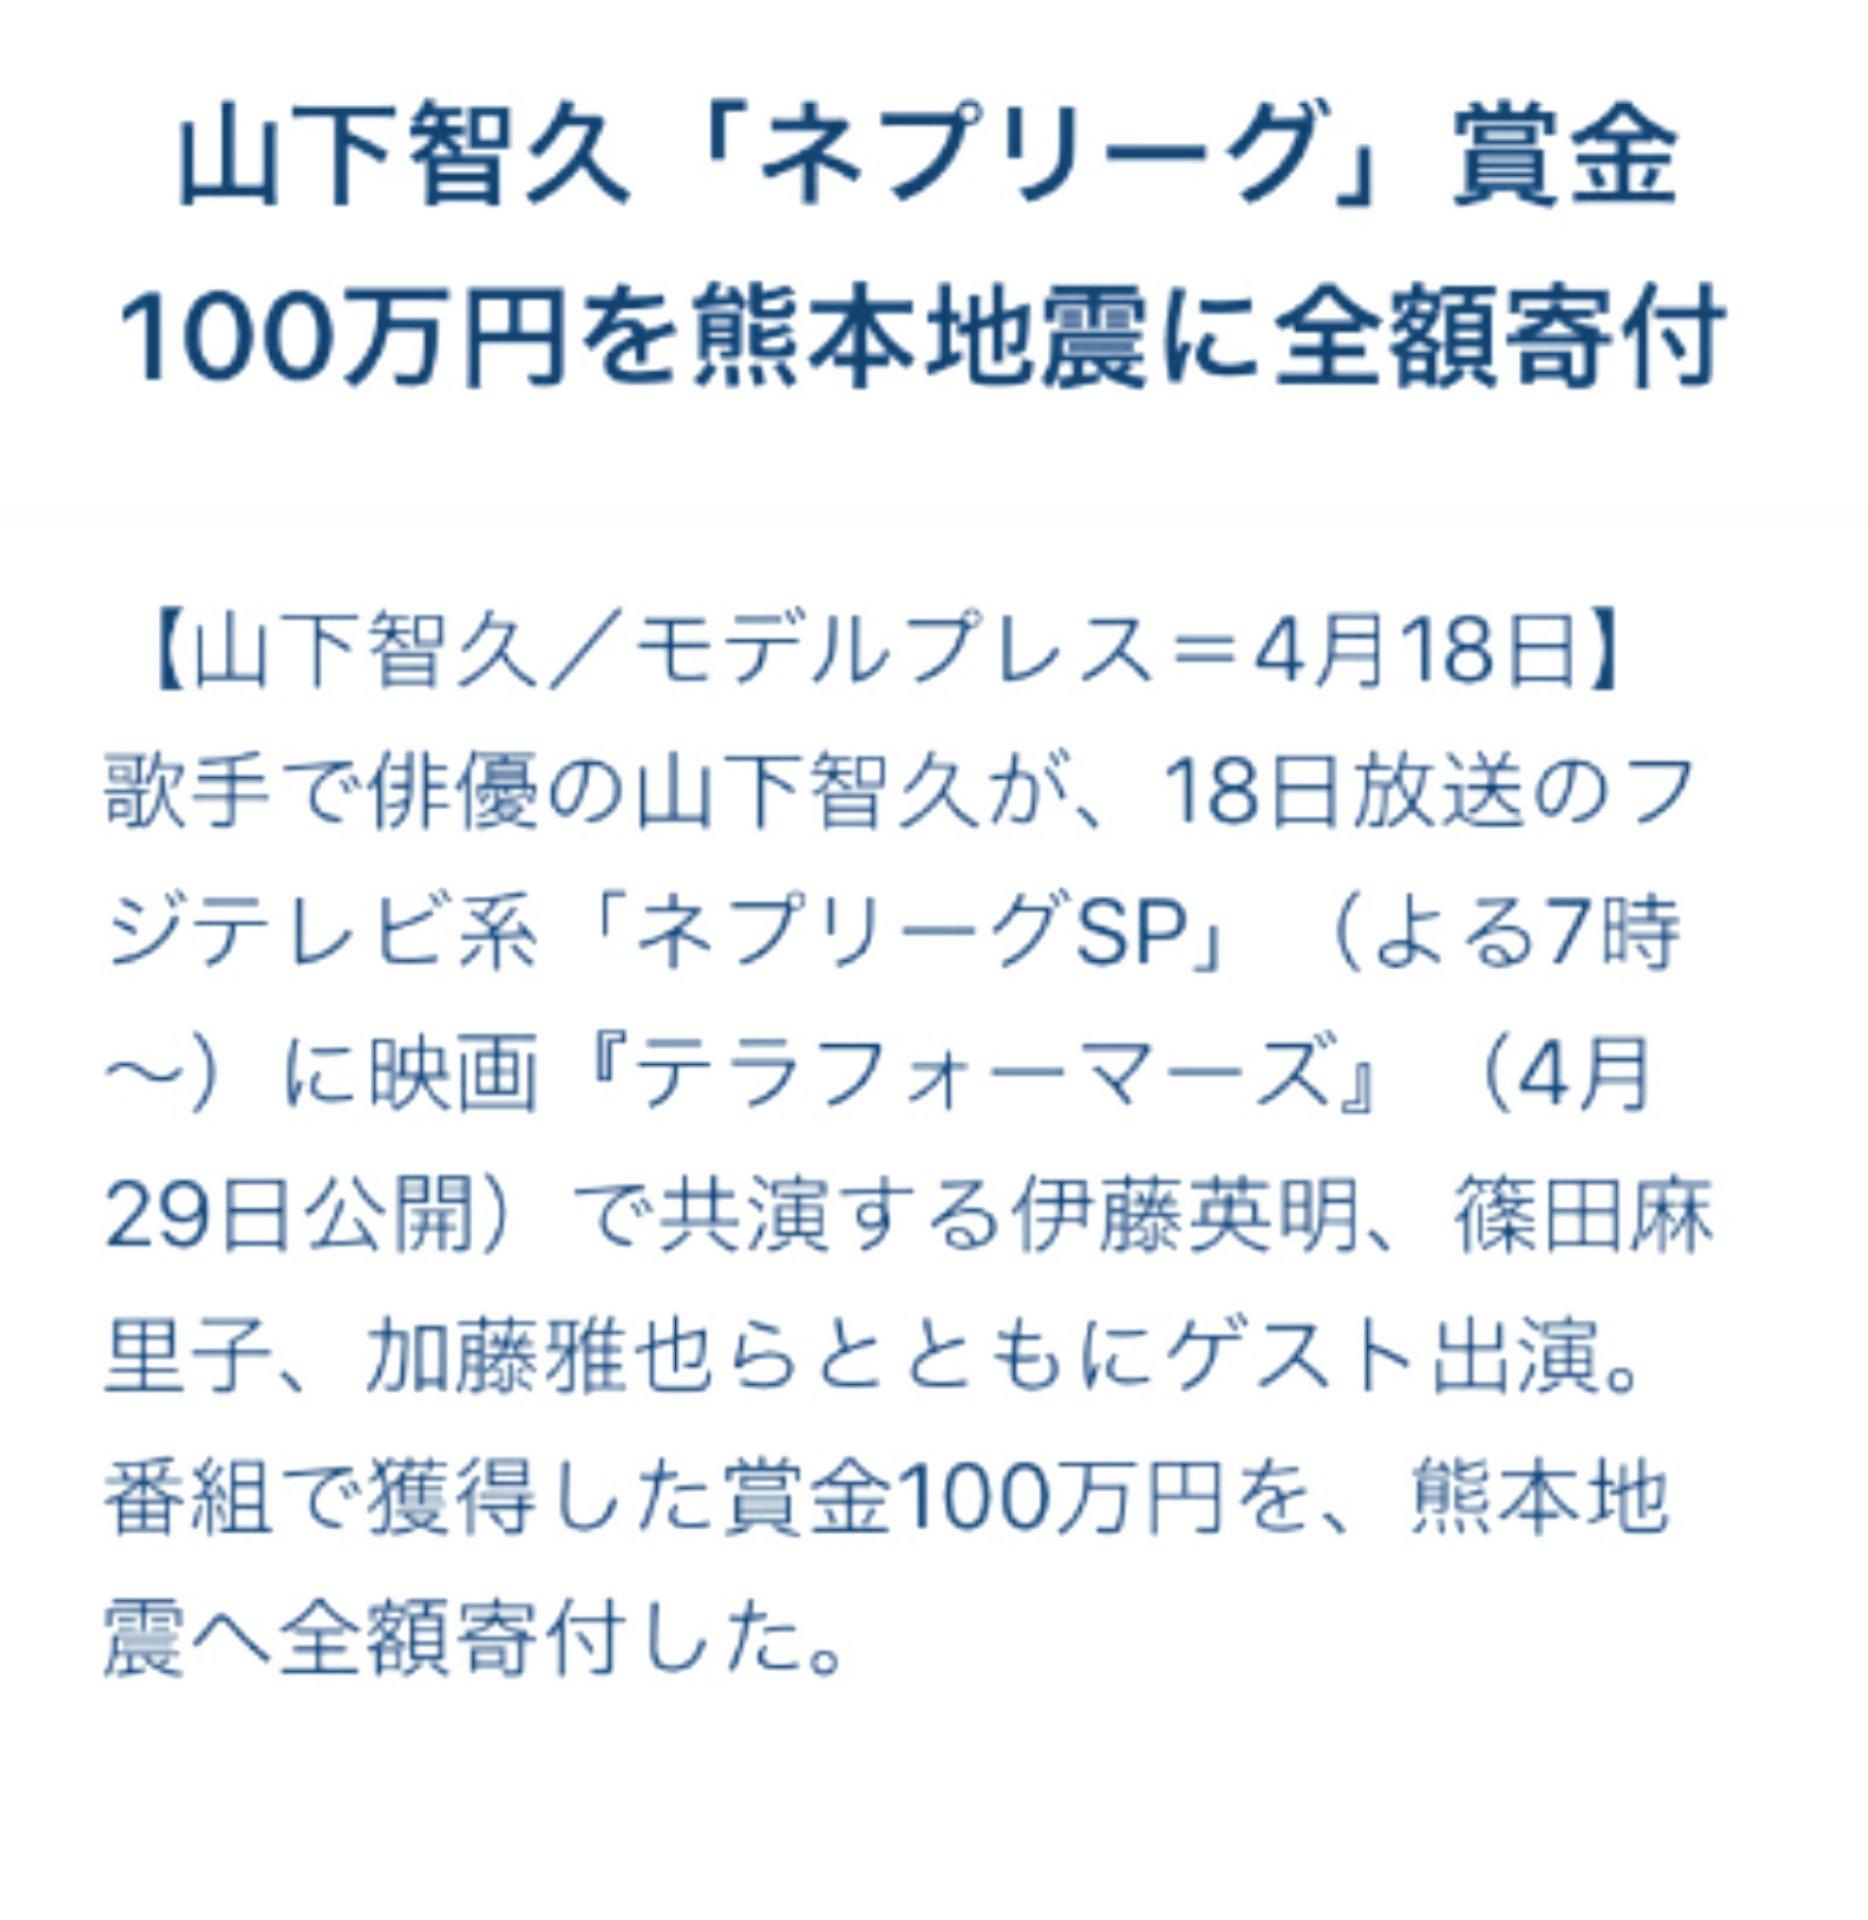 【ネプリーグ】山Pの賞金100万円の使い道に感動・・・!